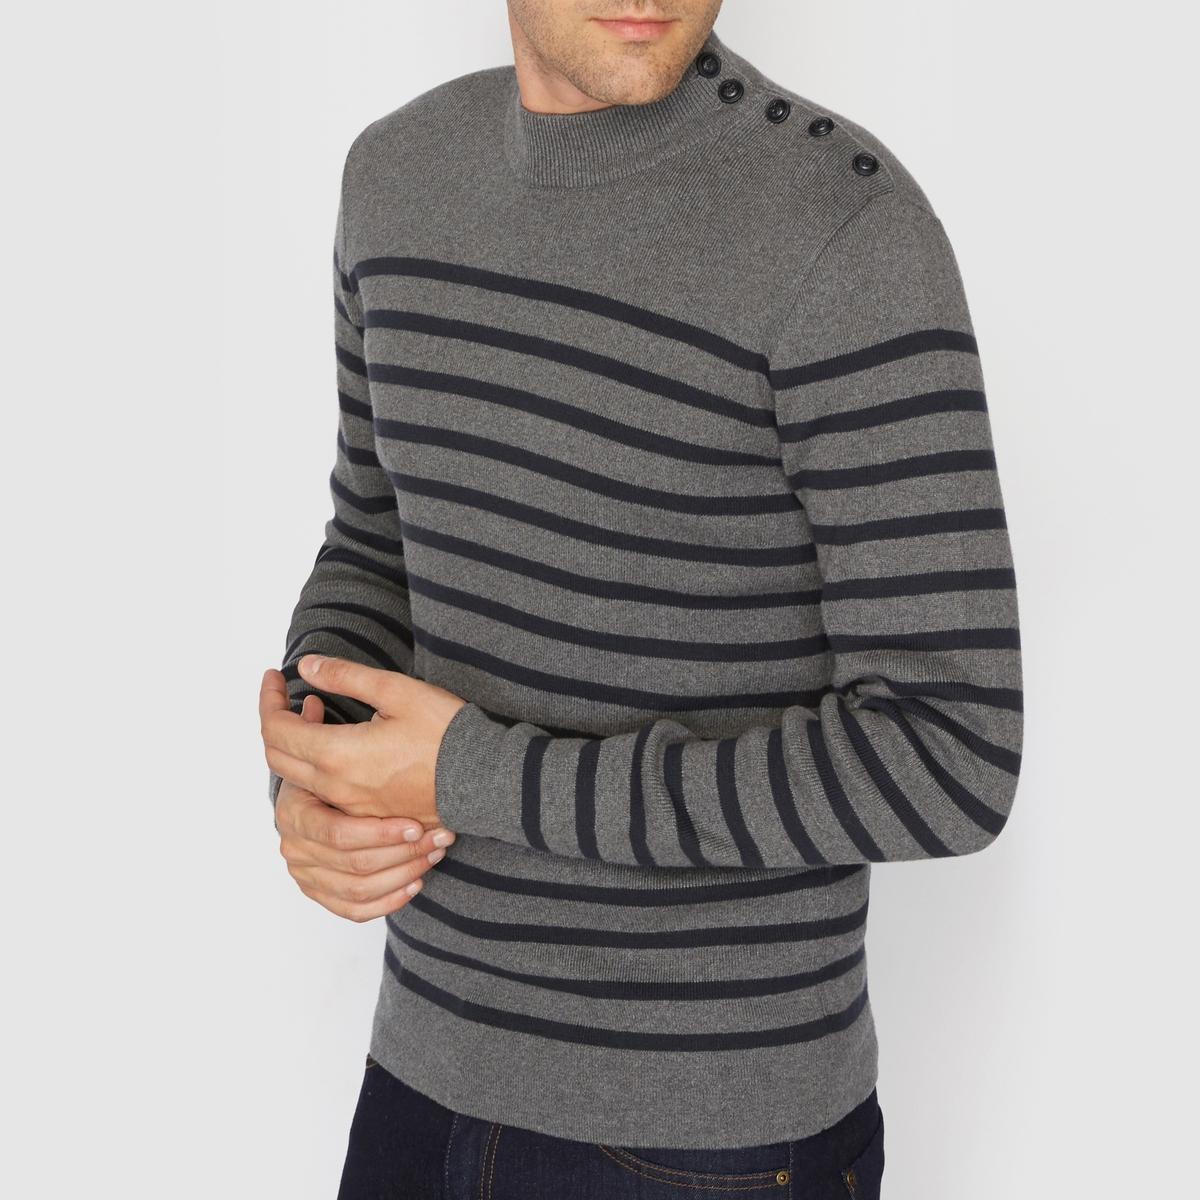 Пуловер с круглым вырезом 100% хлопкаСостав и описание :Материал : 100% хлопкаМарка : R Essentiel.Уход :Следуйте рекомендациям по уходу, указанным на этикетке изделия.<br><br>Цвет: кирпичный,серый в полоску<br>Размер: XXL